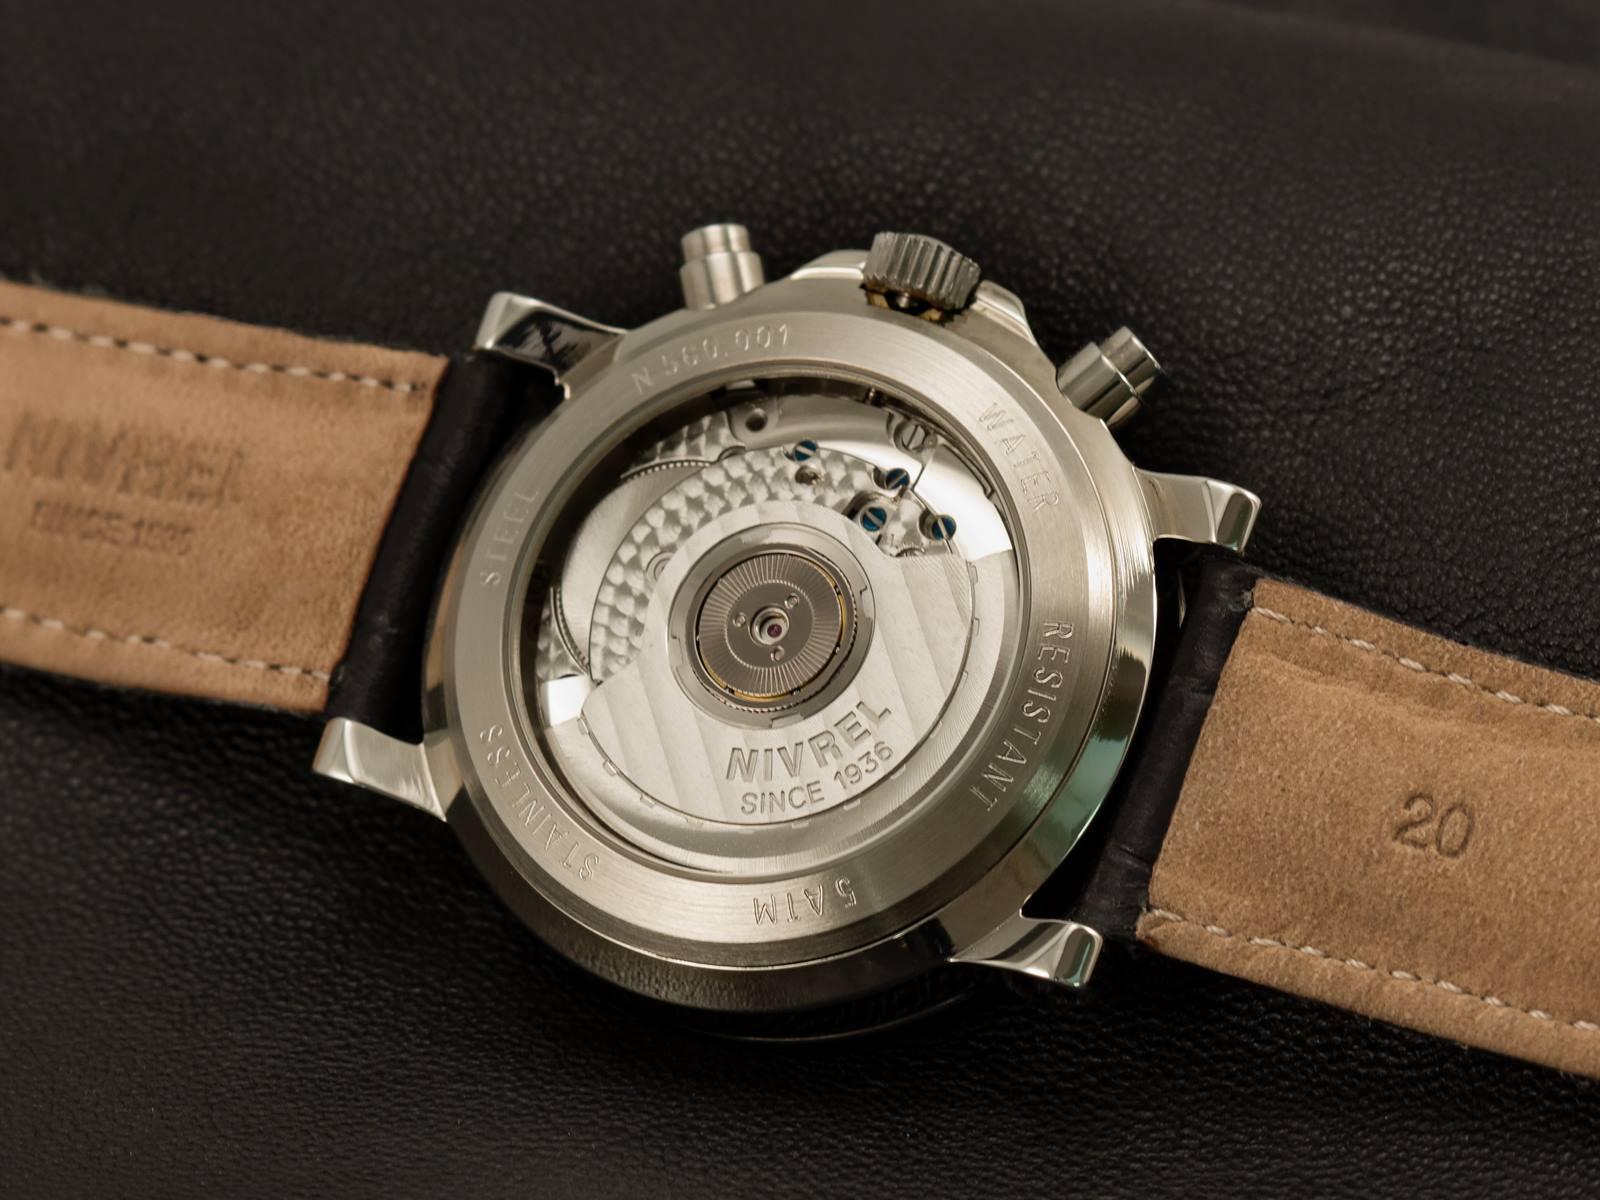 Kliknite za sliku za veću verziju  Ime:Nivrel-Heritage-Chronographe-Minutes-satovi-2.jpg Viđeno:150 Veličina:175,4 KB ID:84734